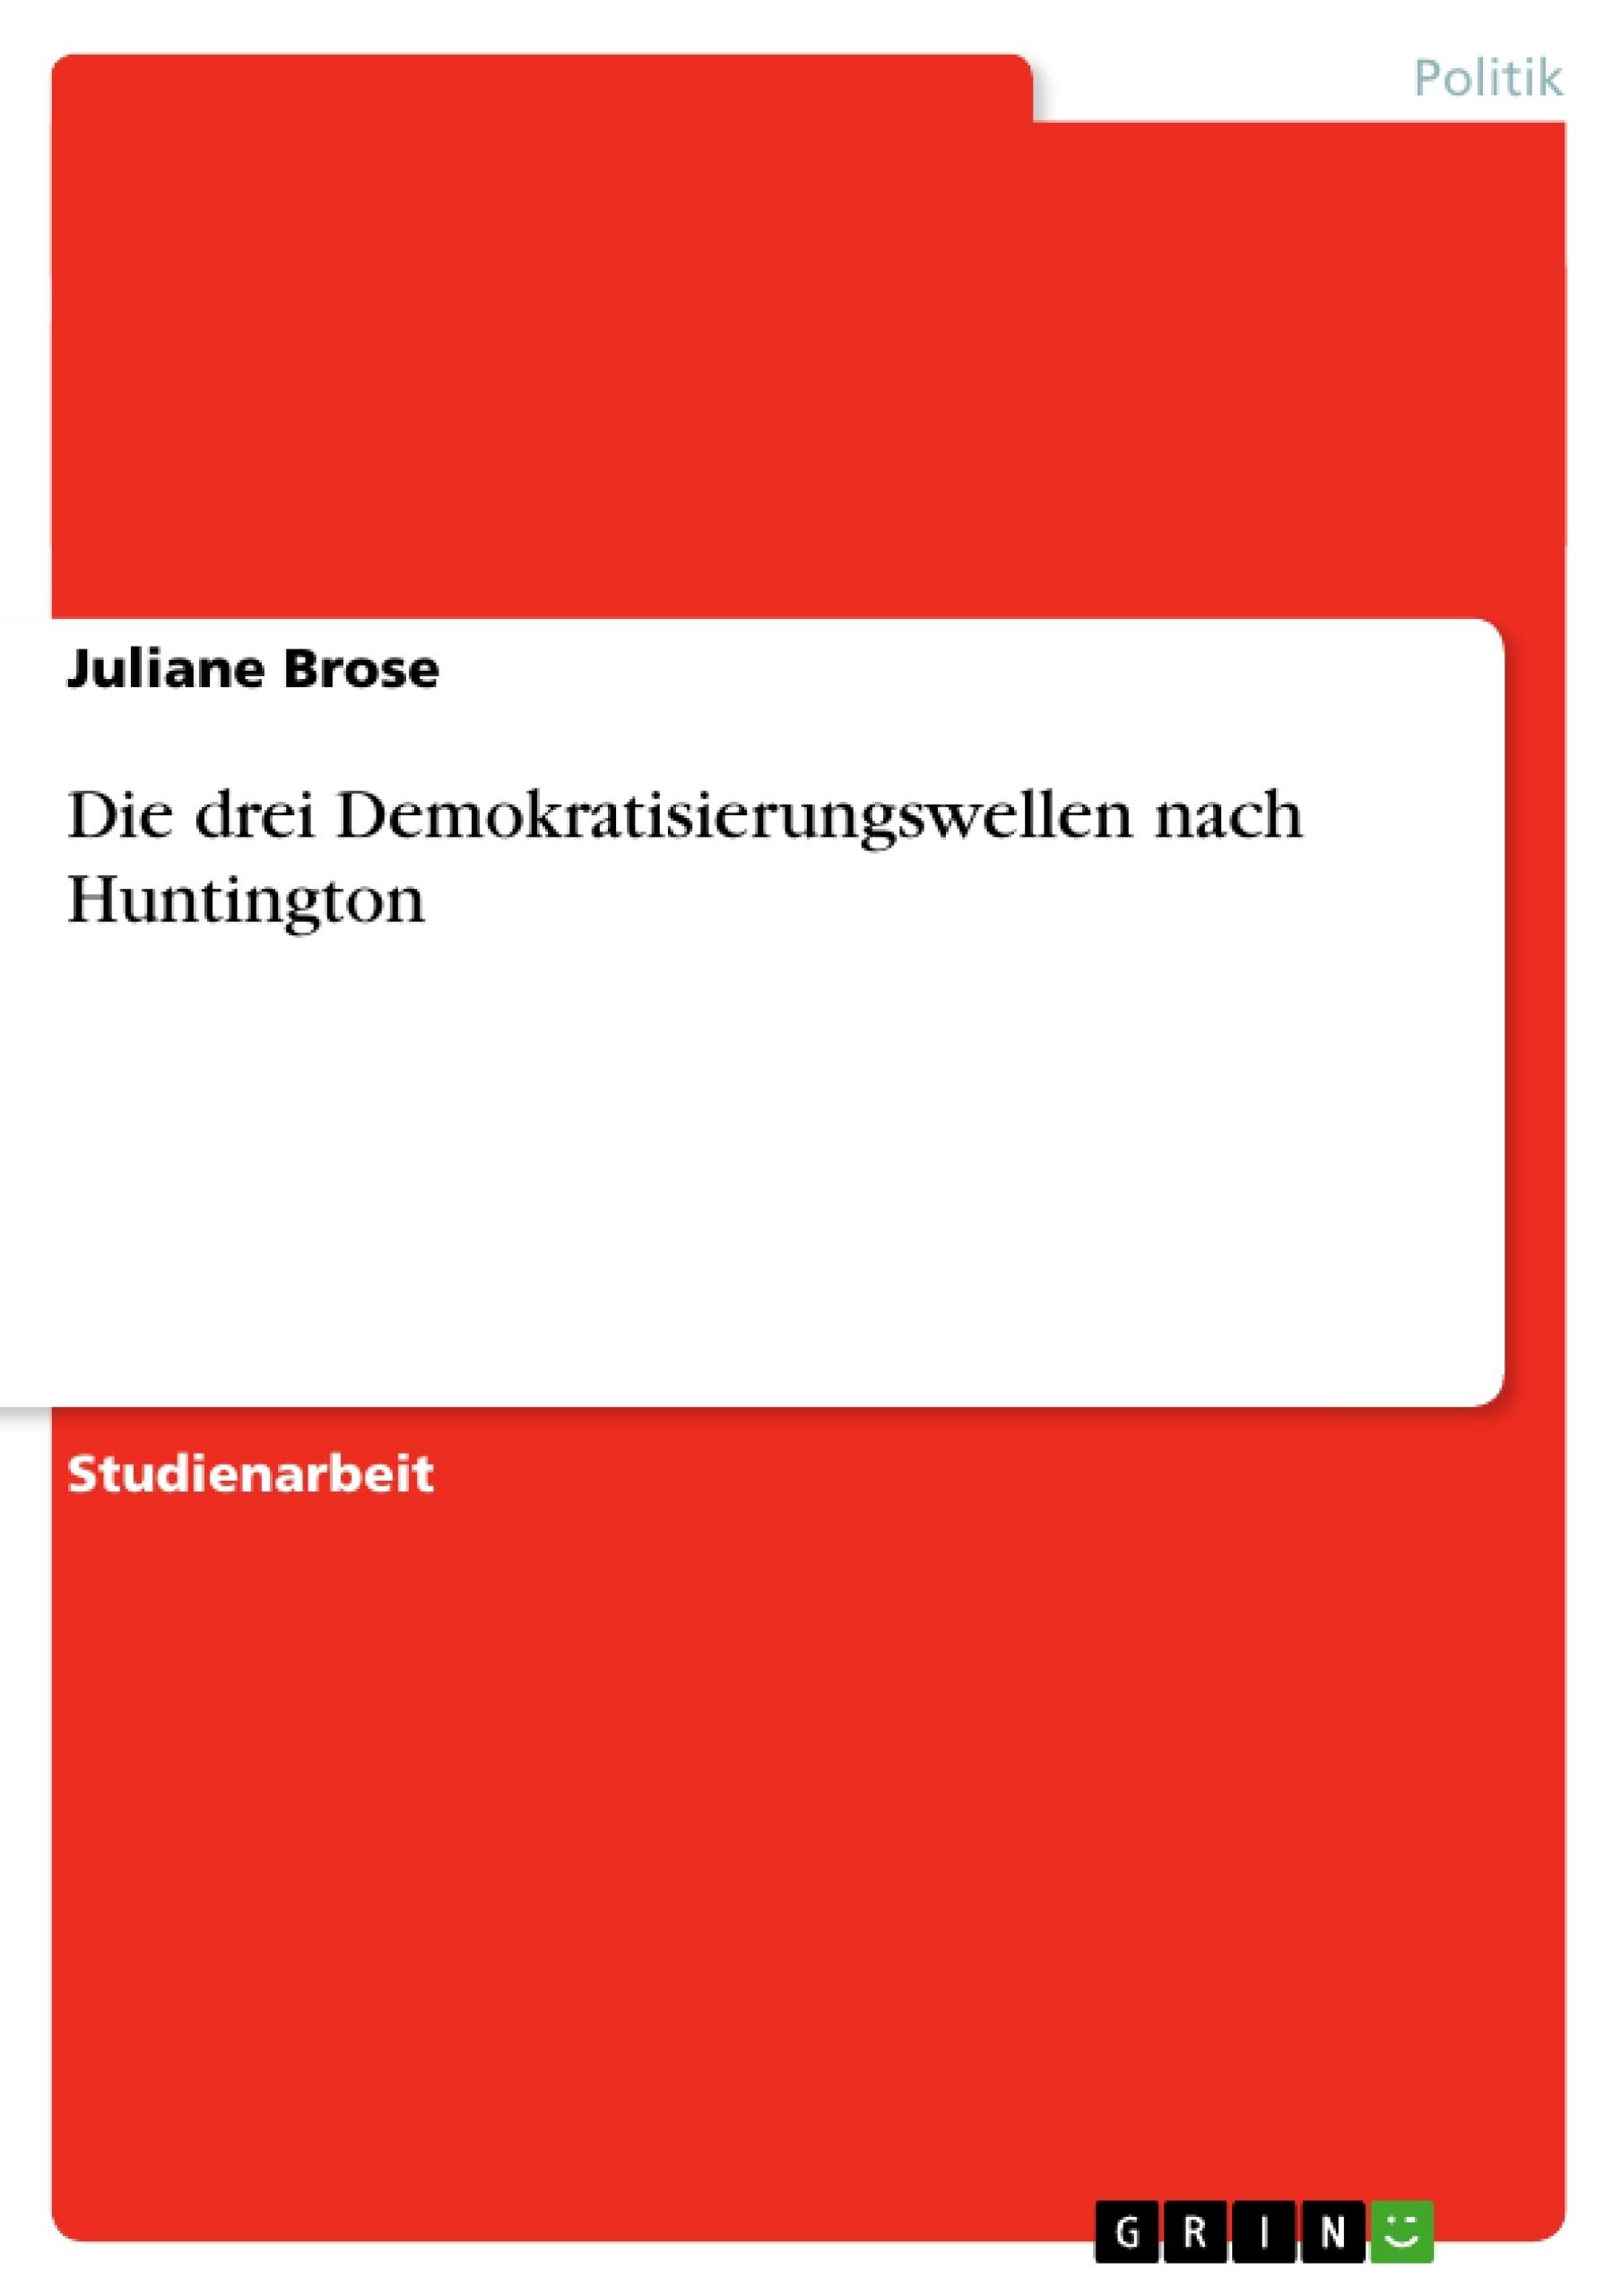 Titel: Die drei Demokratisierungswellen nach Huntington